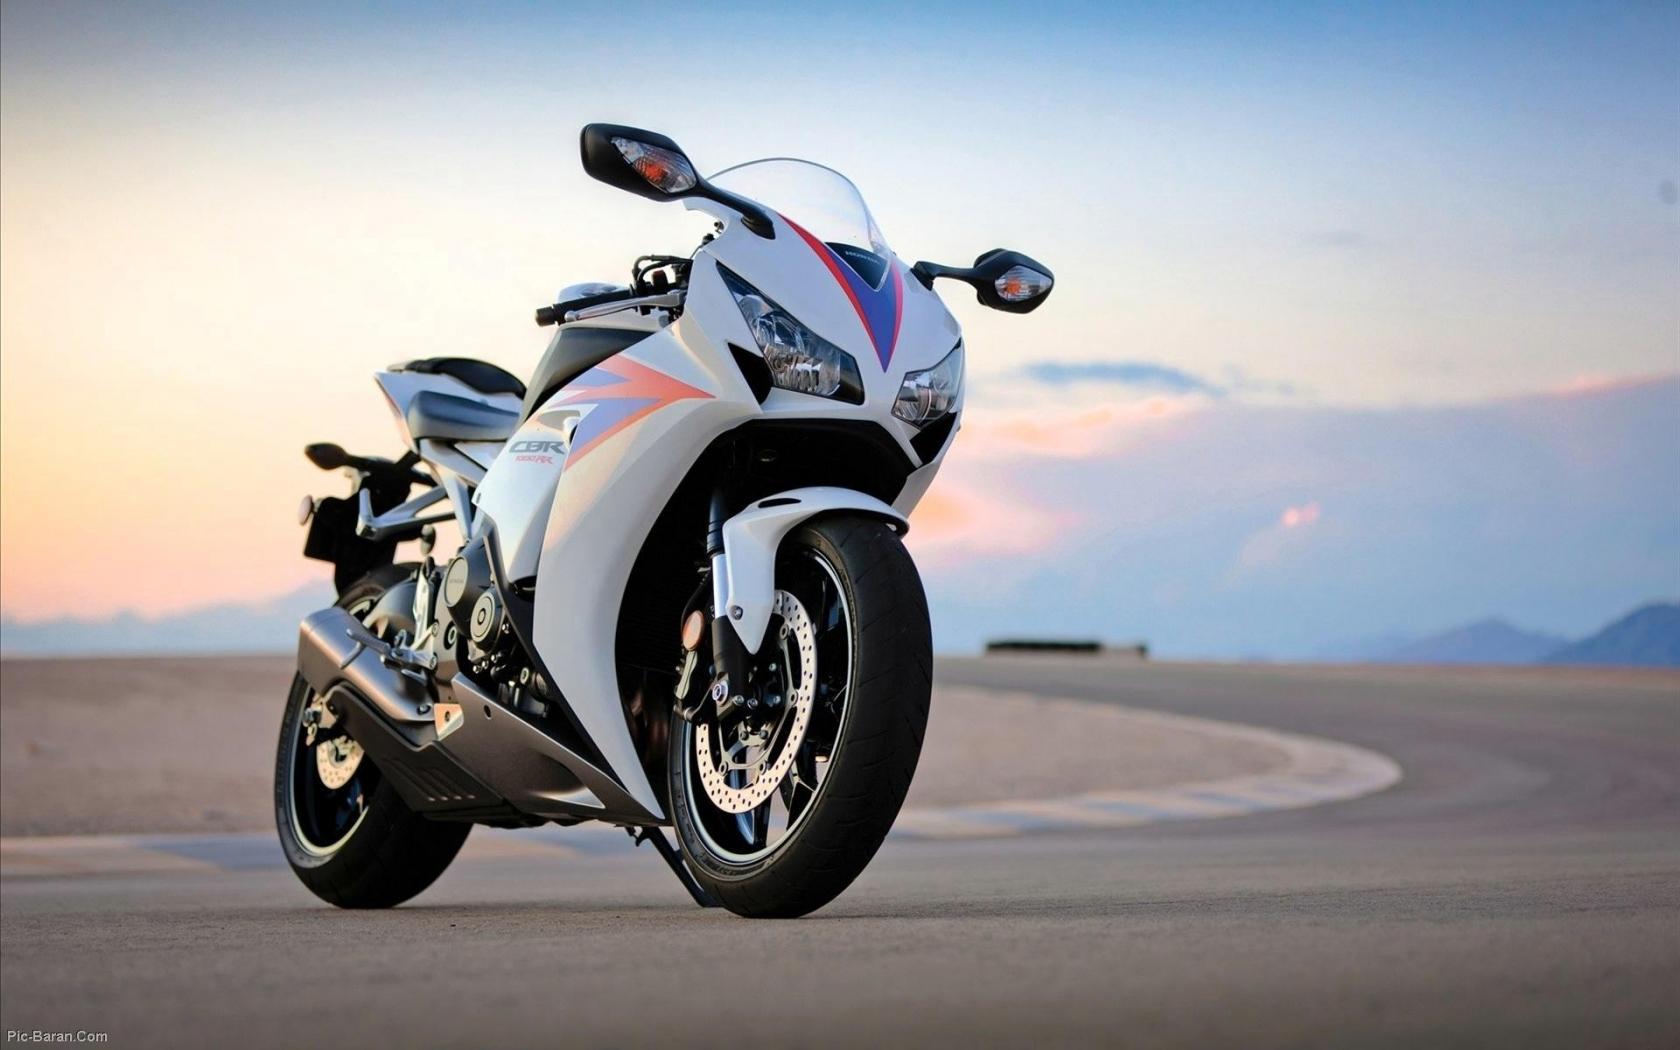 Honda CBR1000RR - 1680x1050